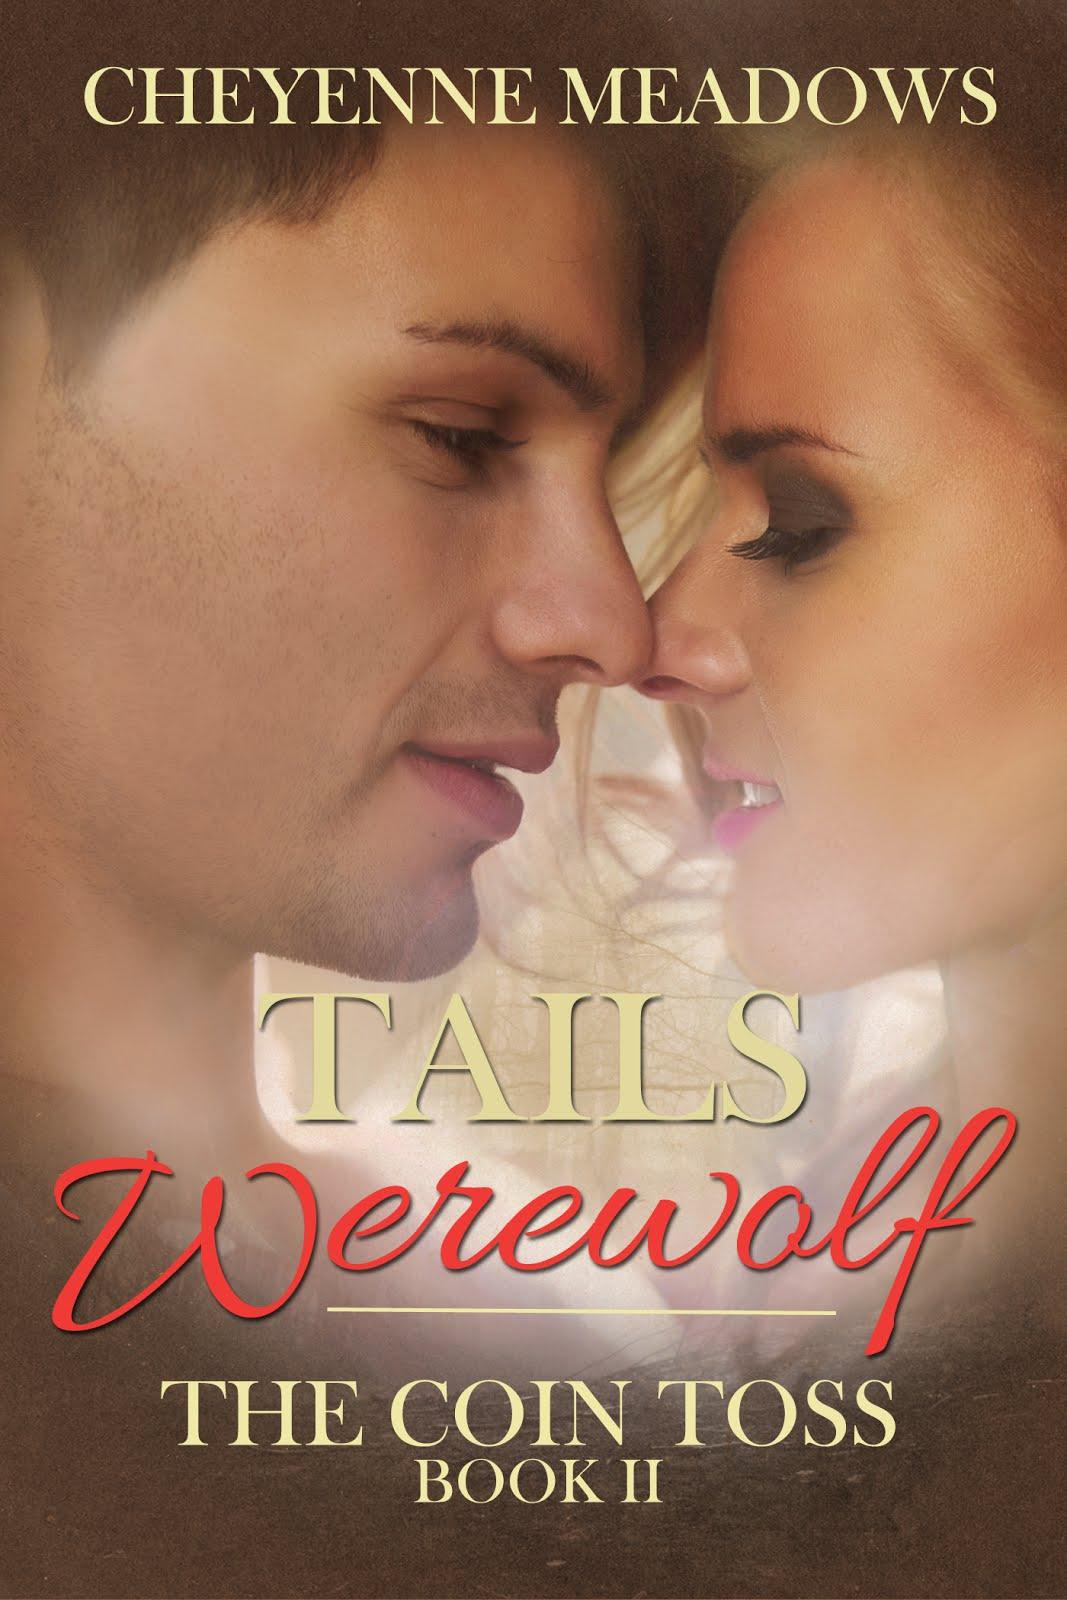 Tails:  Werewolf